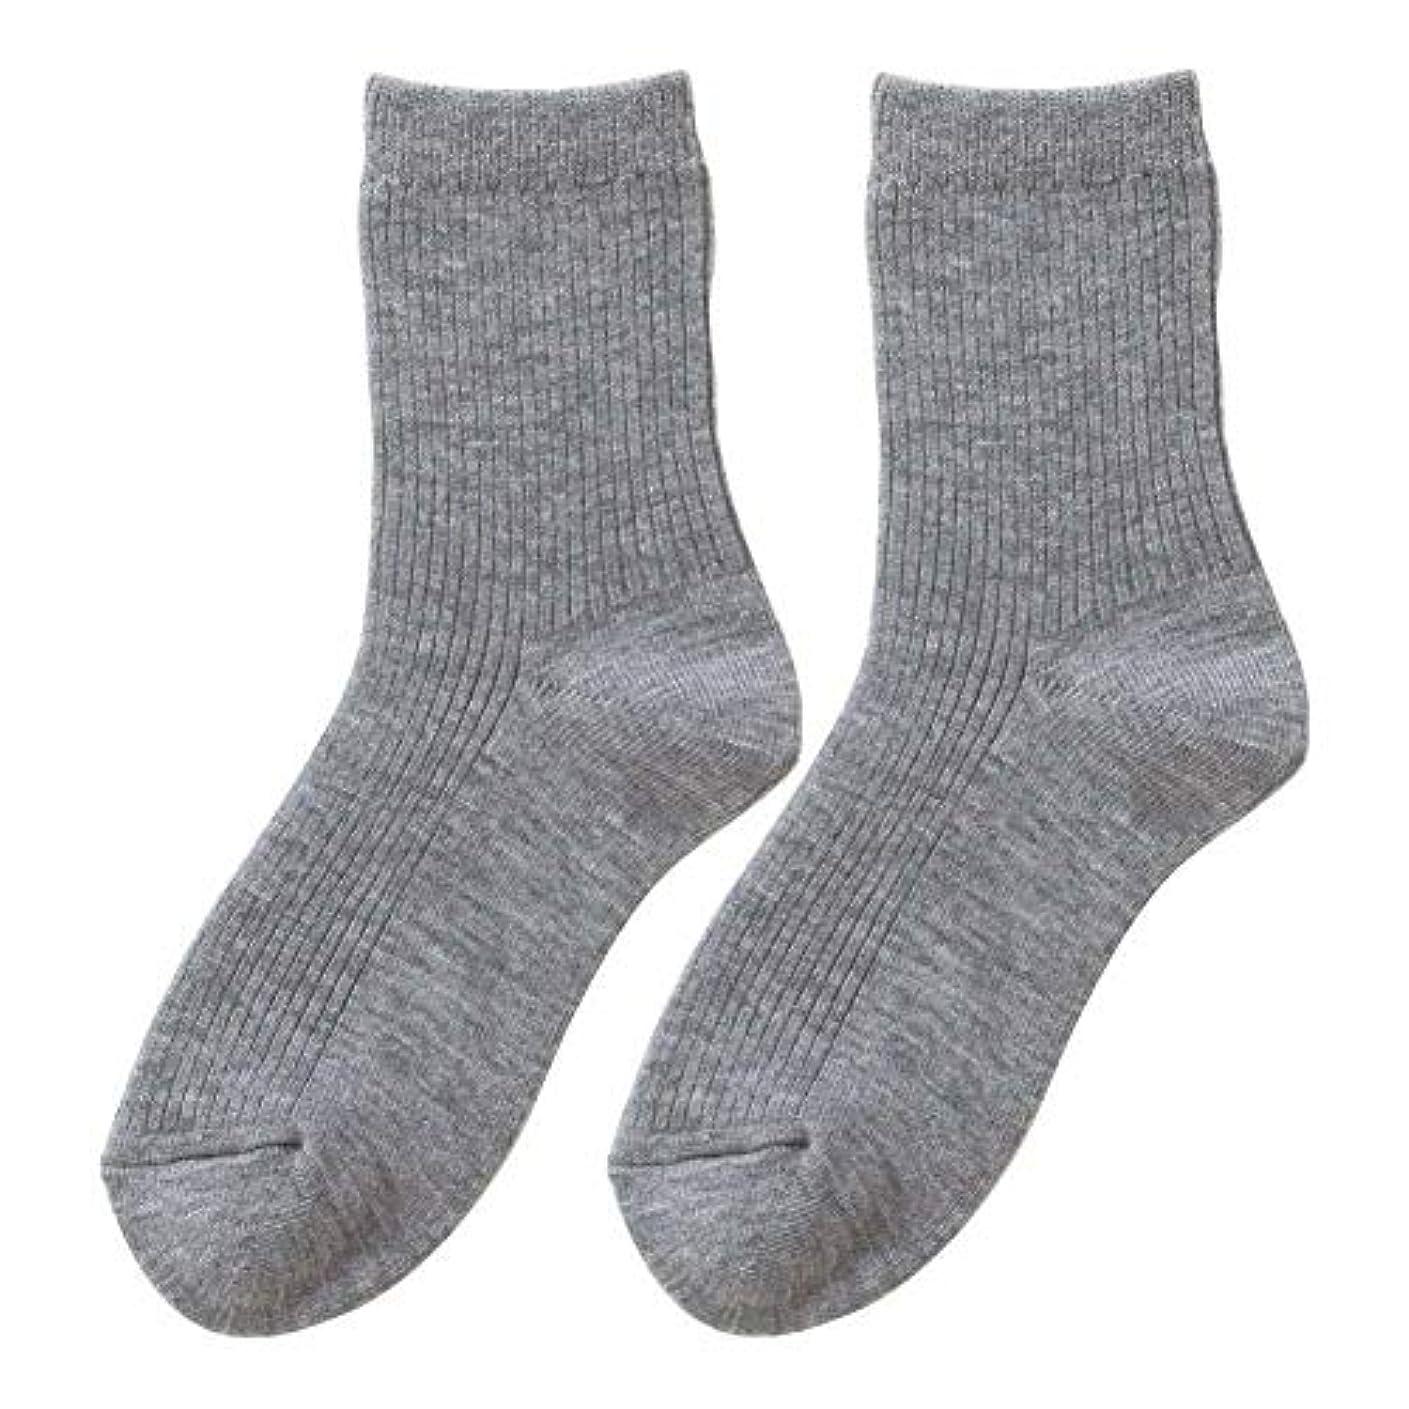 グラディスより多い賃金ひだまり ダブルソックス婦人用[グレー/22~24cm]【ムレない速乾性の女性用保温靴下!特殊素材テビロンの保湿力】